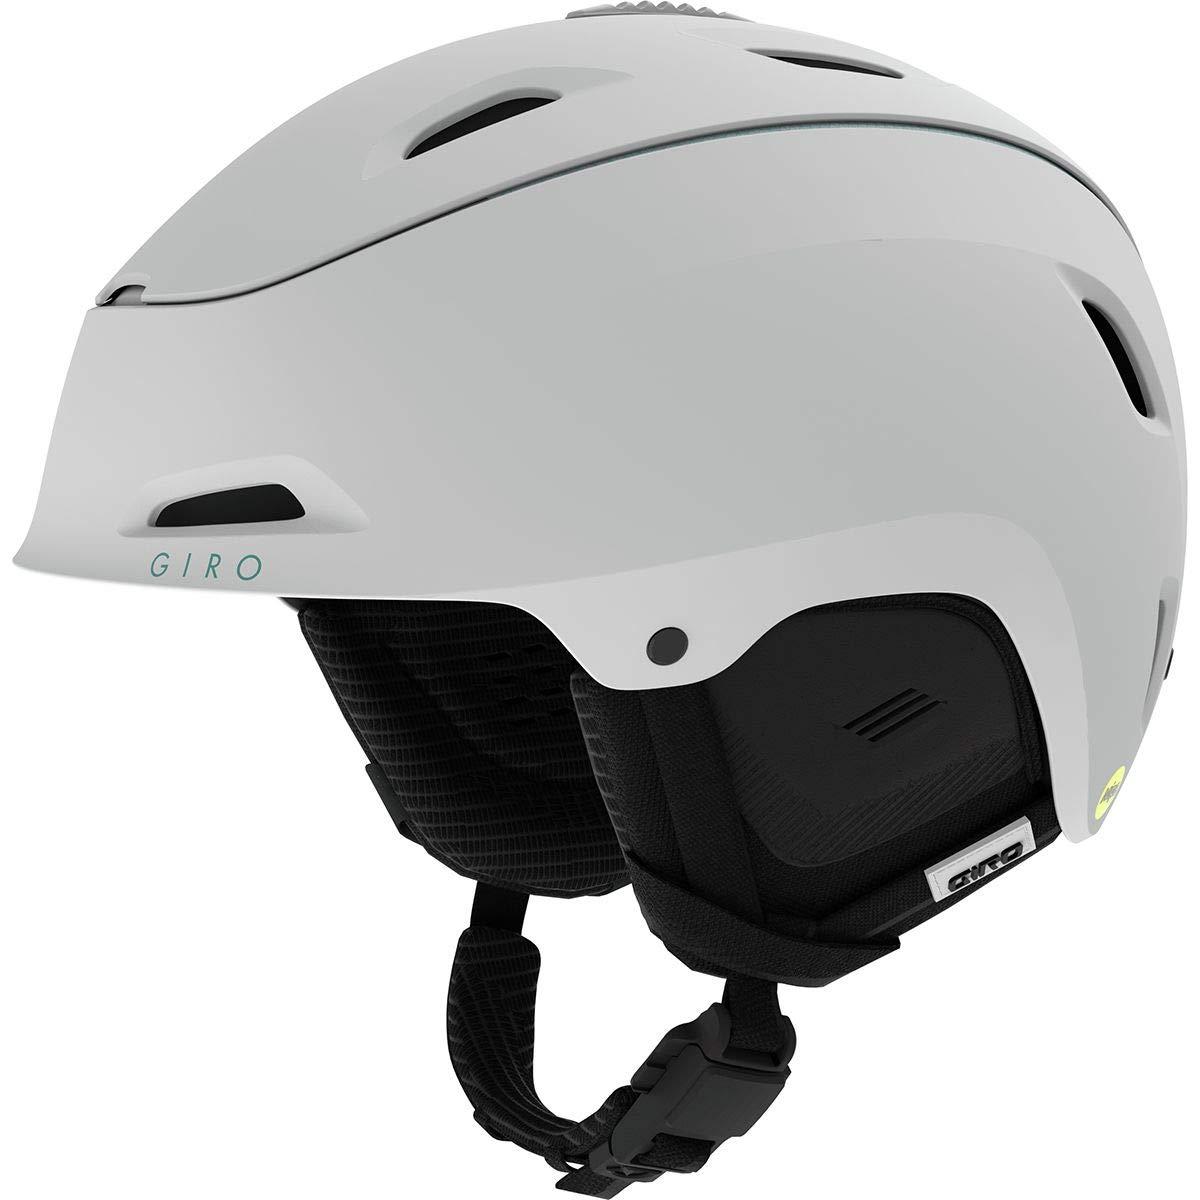 [ジロ] メンズ RANGE MIPS ラージ ミップス スノーボードヘルメット Matte Light Grey/Glacier Peak 70937 L B07GCQFQJ2